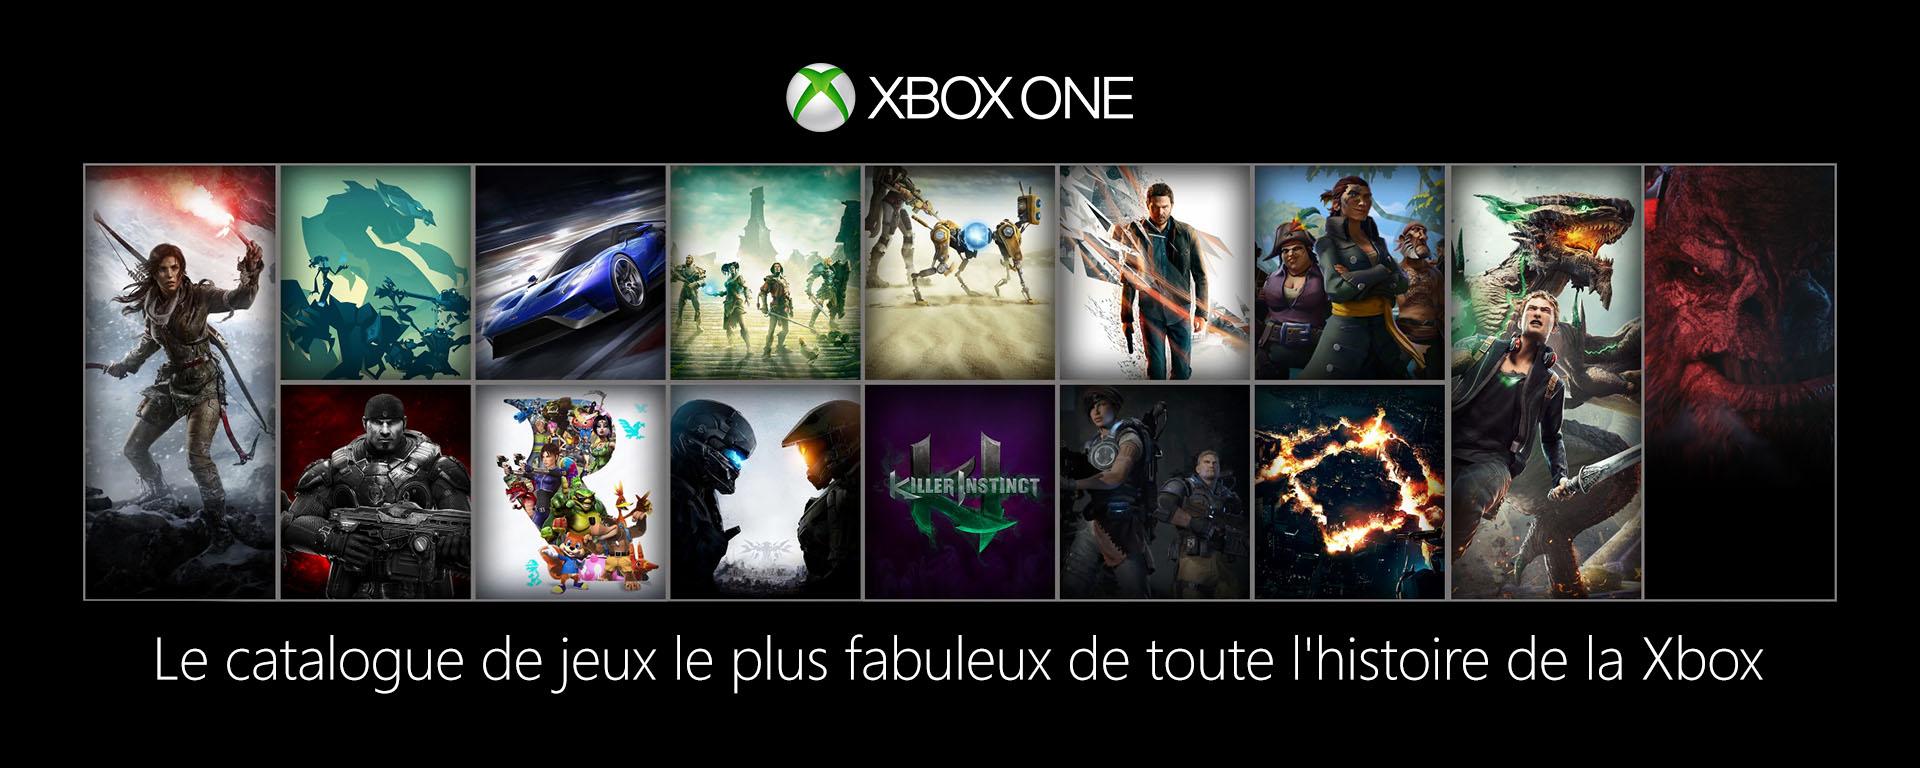 gamescom 2015 | Xbox One Games